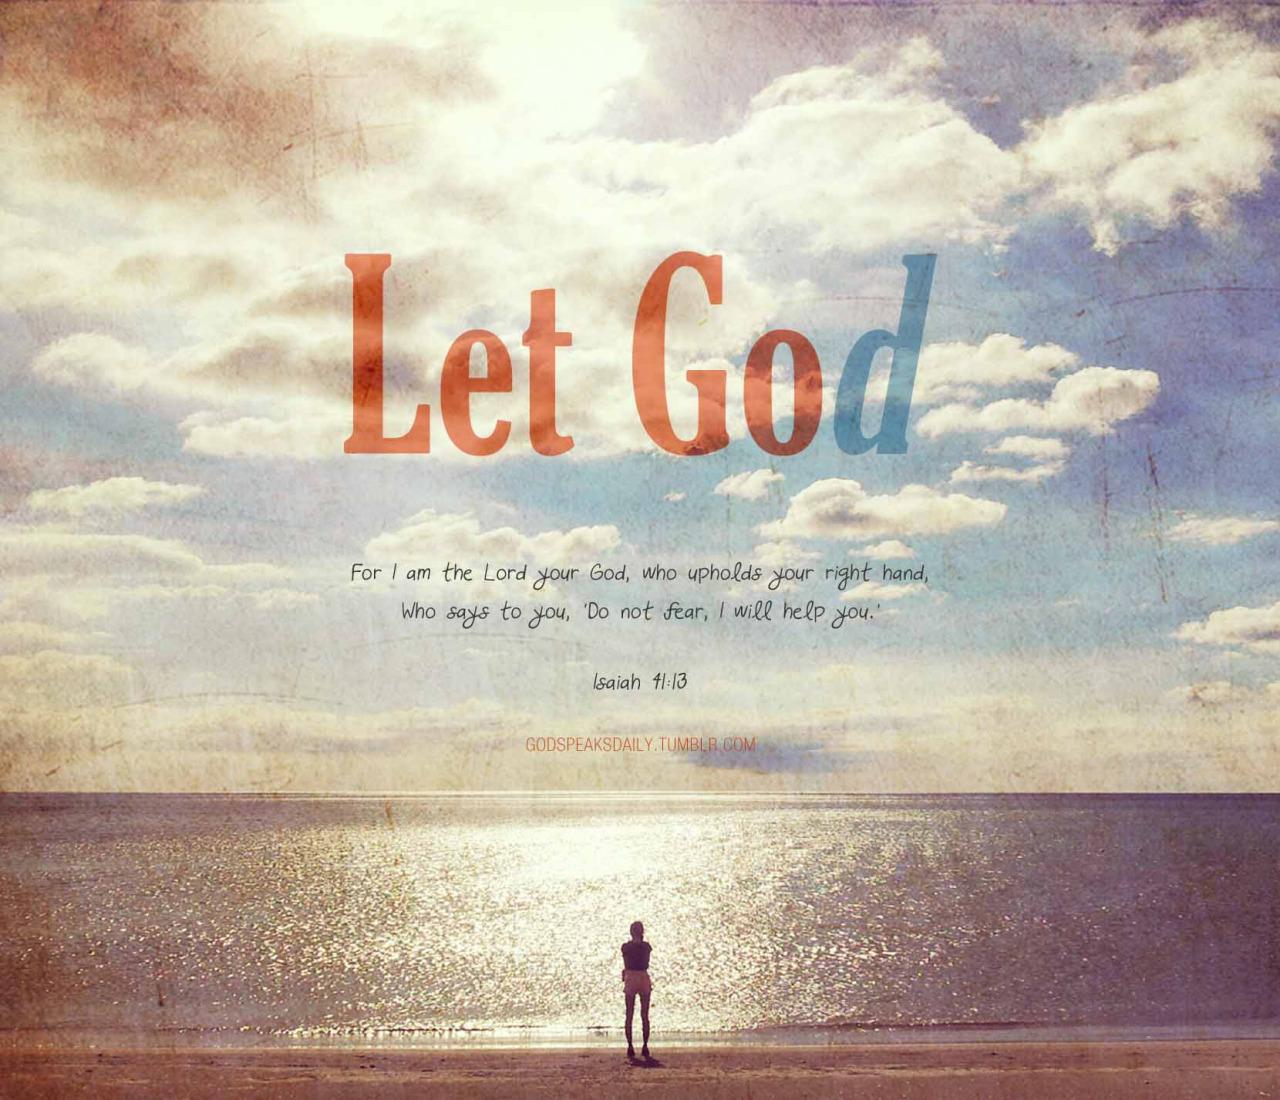 o god guide me protect me illumine the